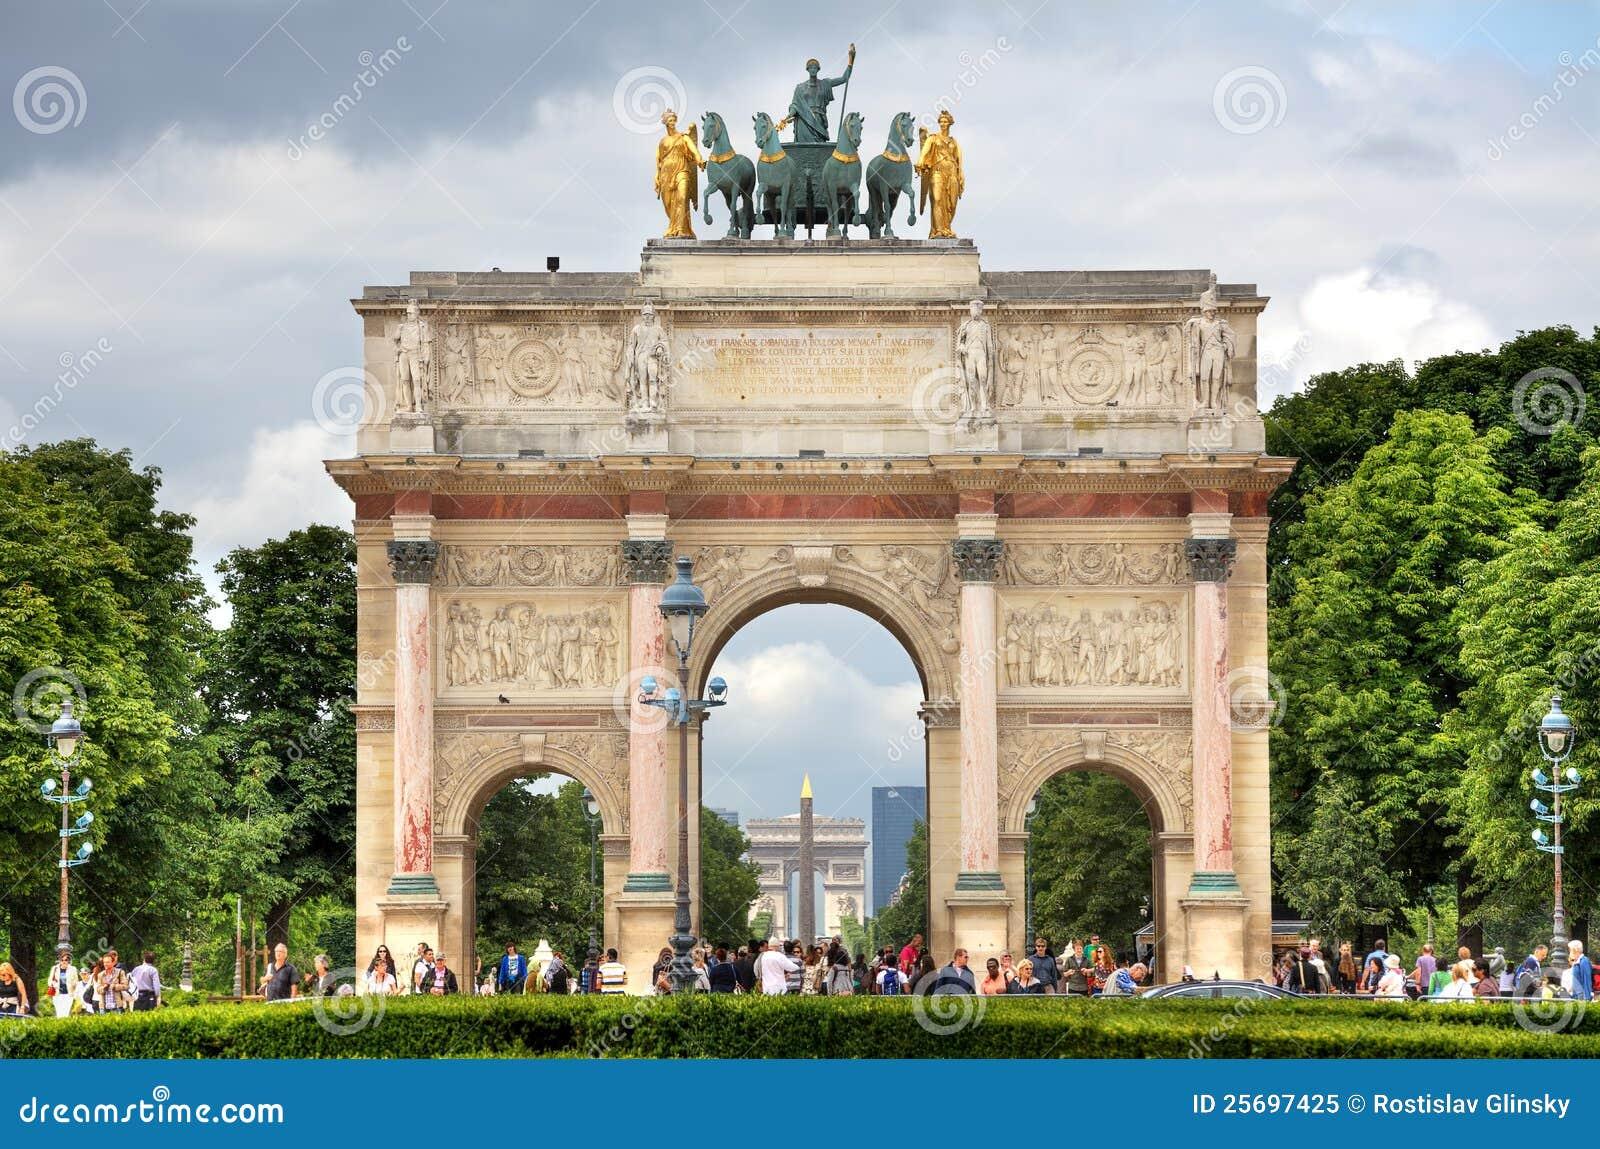 arc de triomphe du carrousel paris france editorial image image of parisian famous 25697425. Black Bedroom Furniture Sets. Home Design Ideas